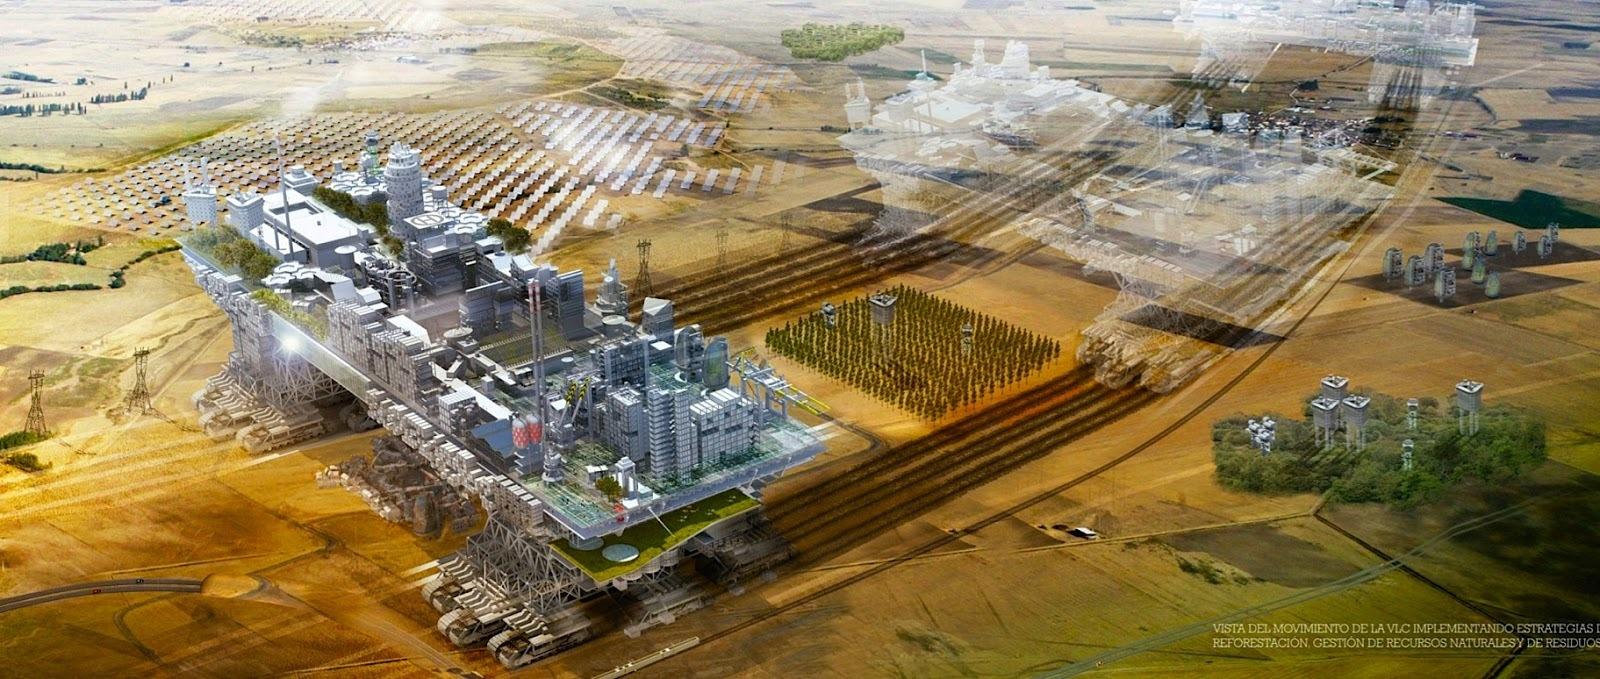 Gradovi će prohodati! Utopija ili bliska budućnost 21. veka?